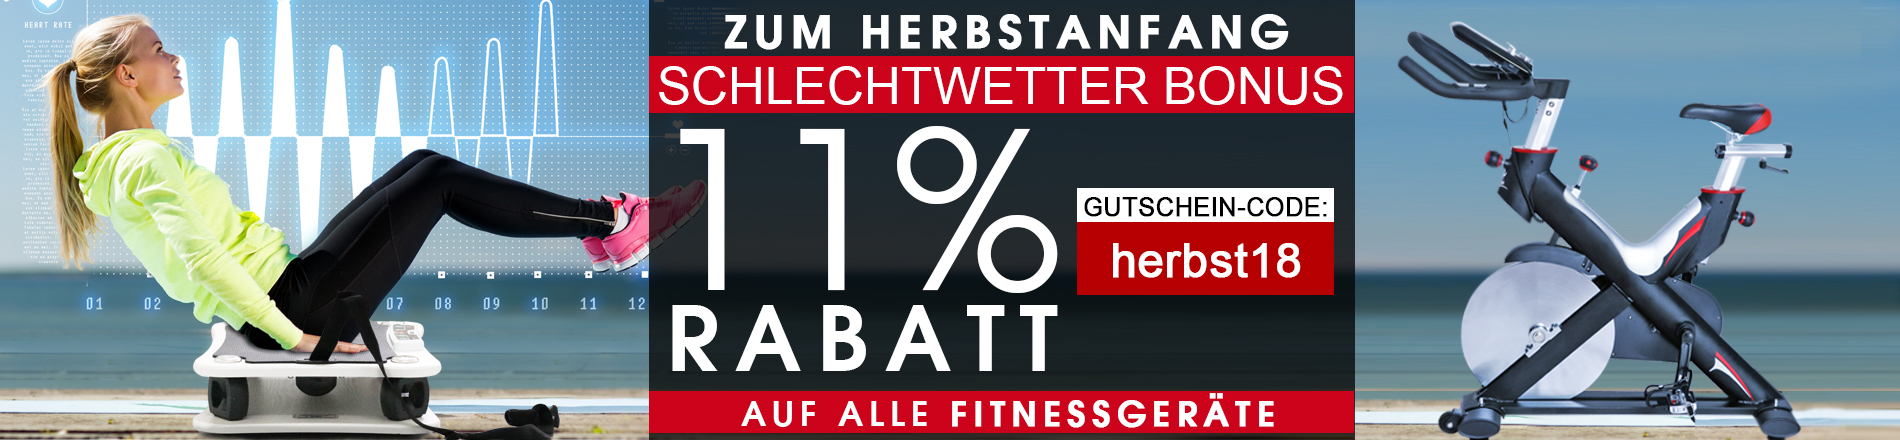 Das Training geht weiter - 11% Herbst-Rabatt auf alle Fitnessgeräte